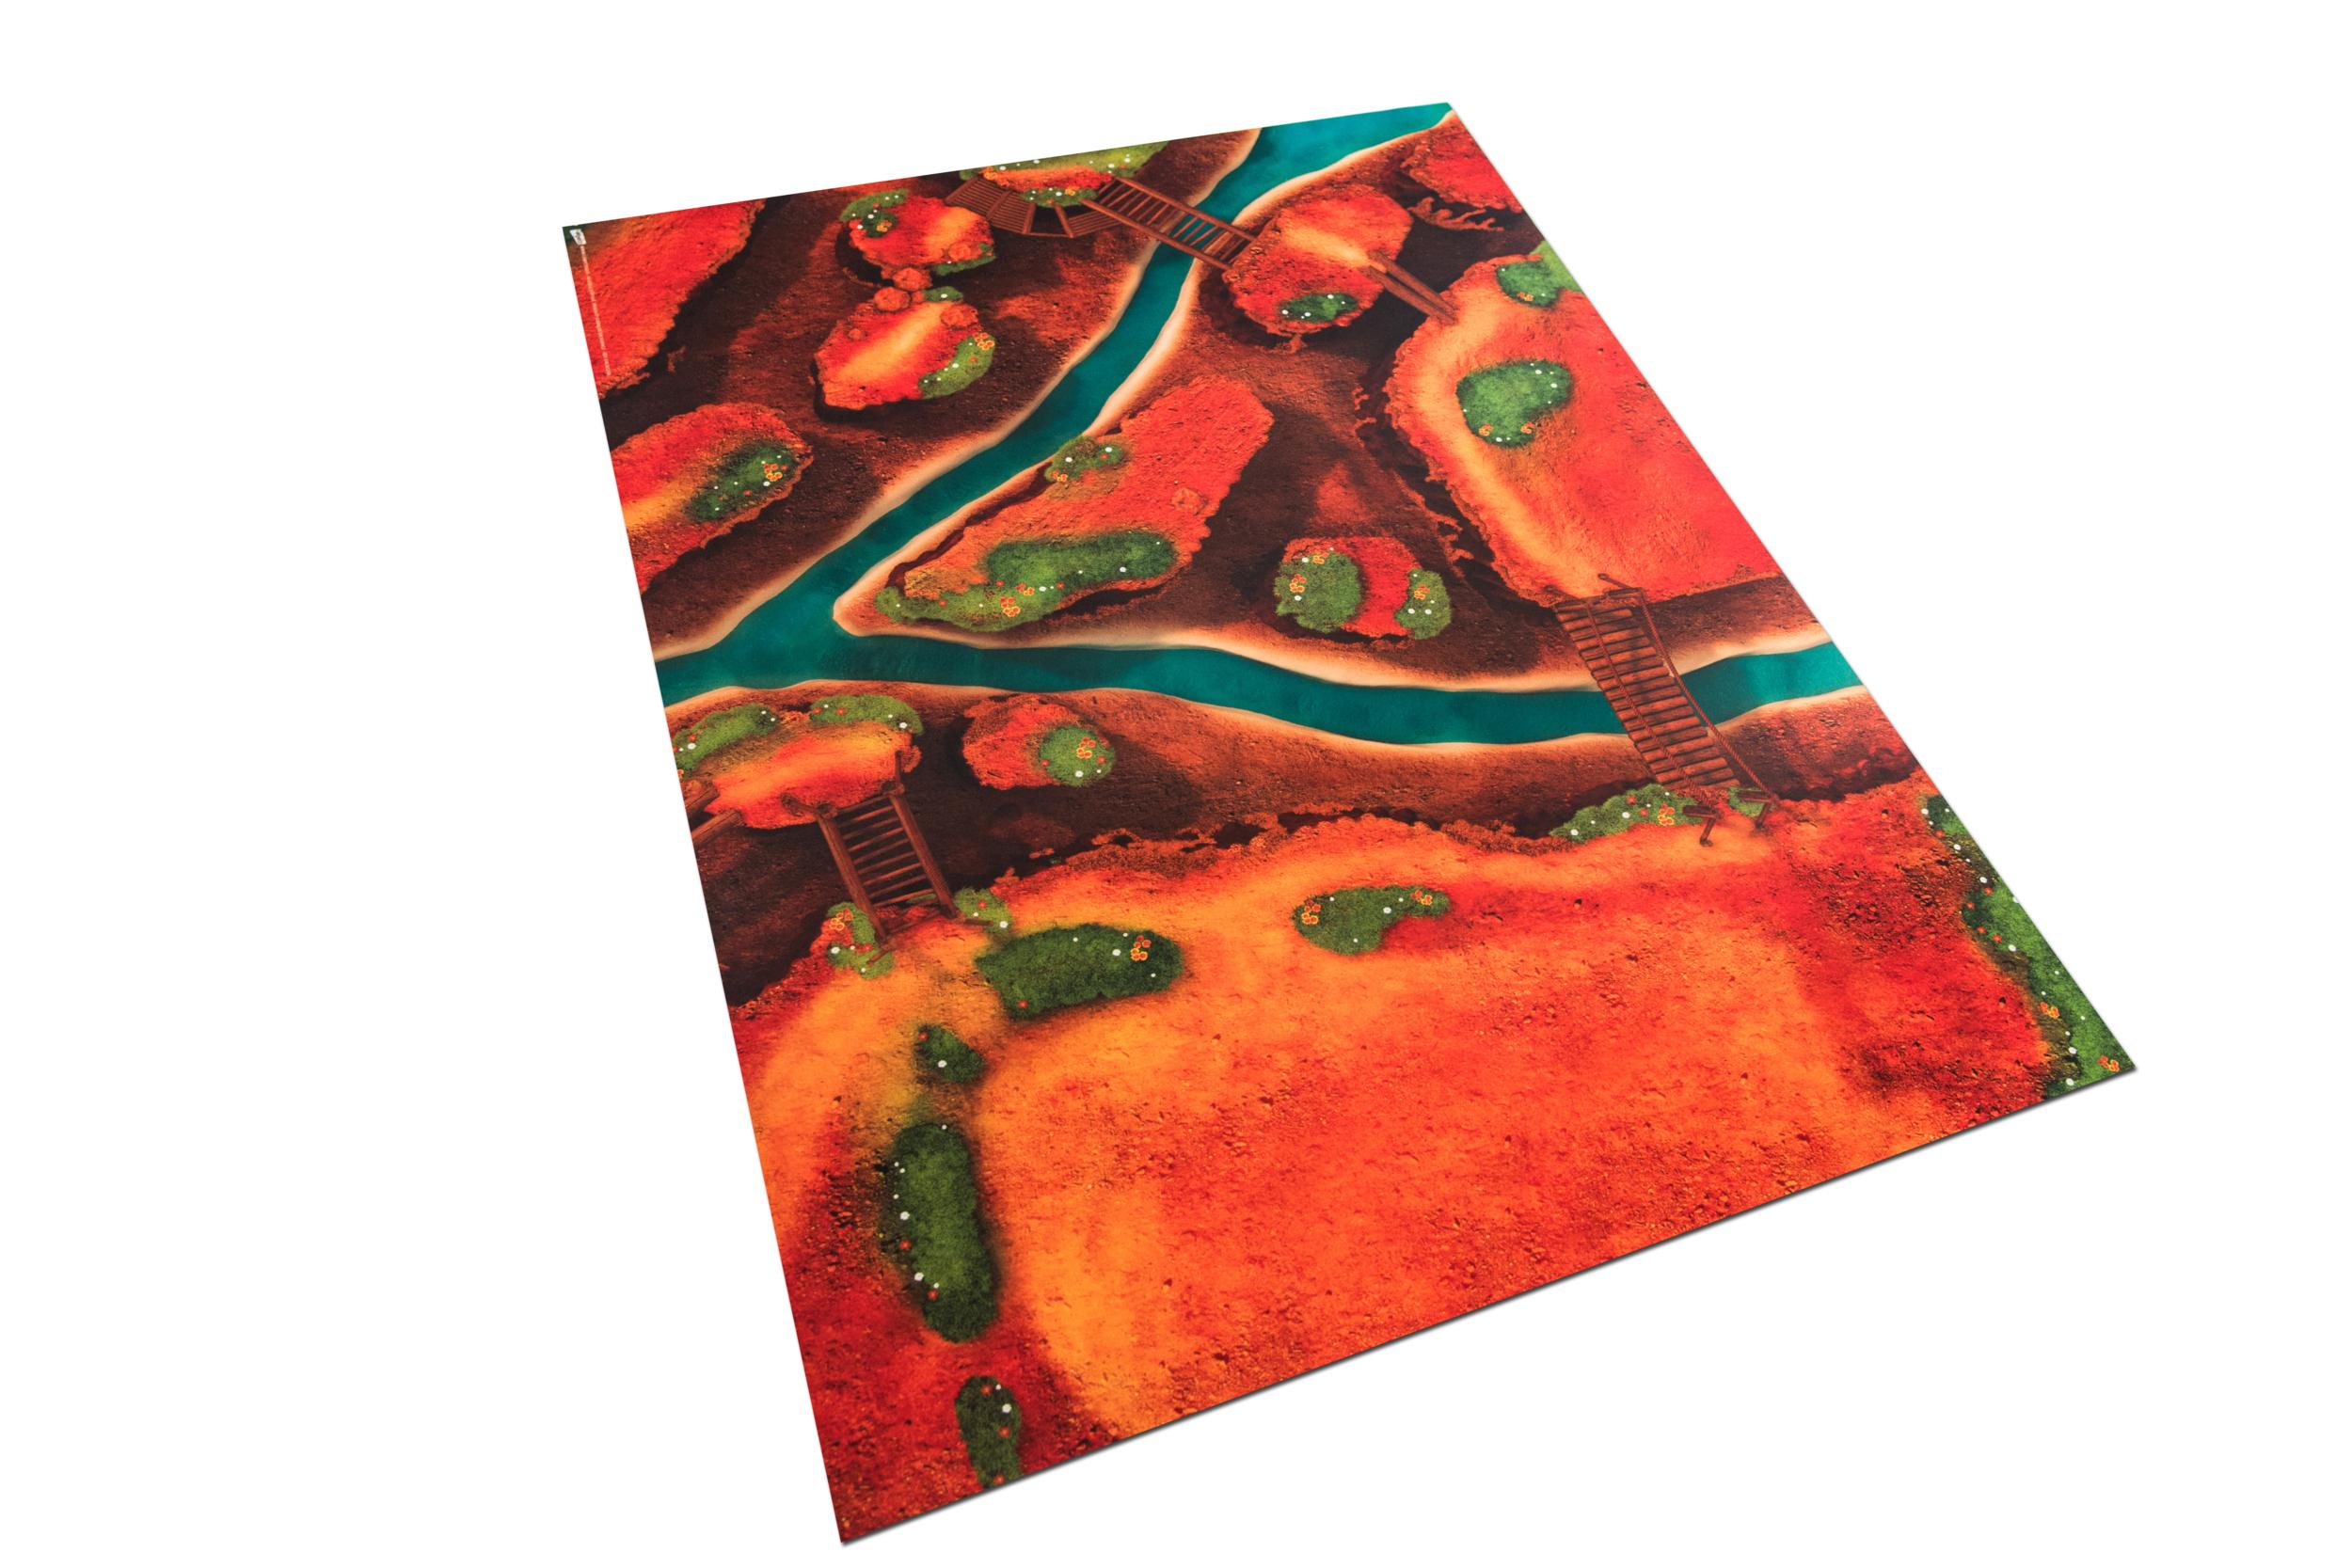 Middelgroot Speelkleed Carpeto - Ravijn Avontuur 120 x 90cm